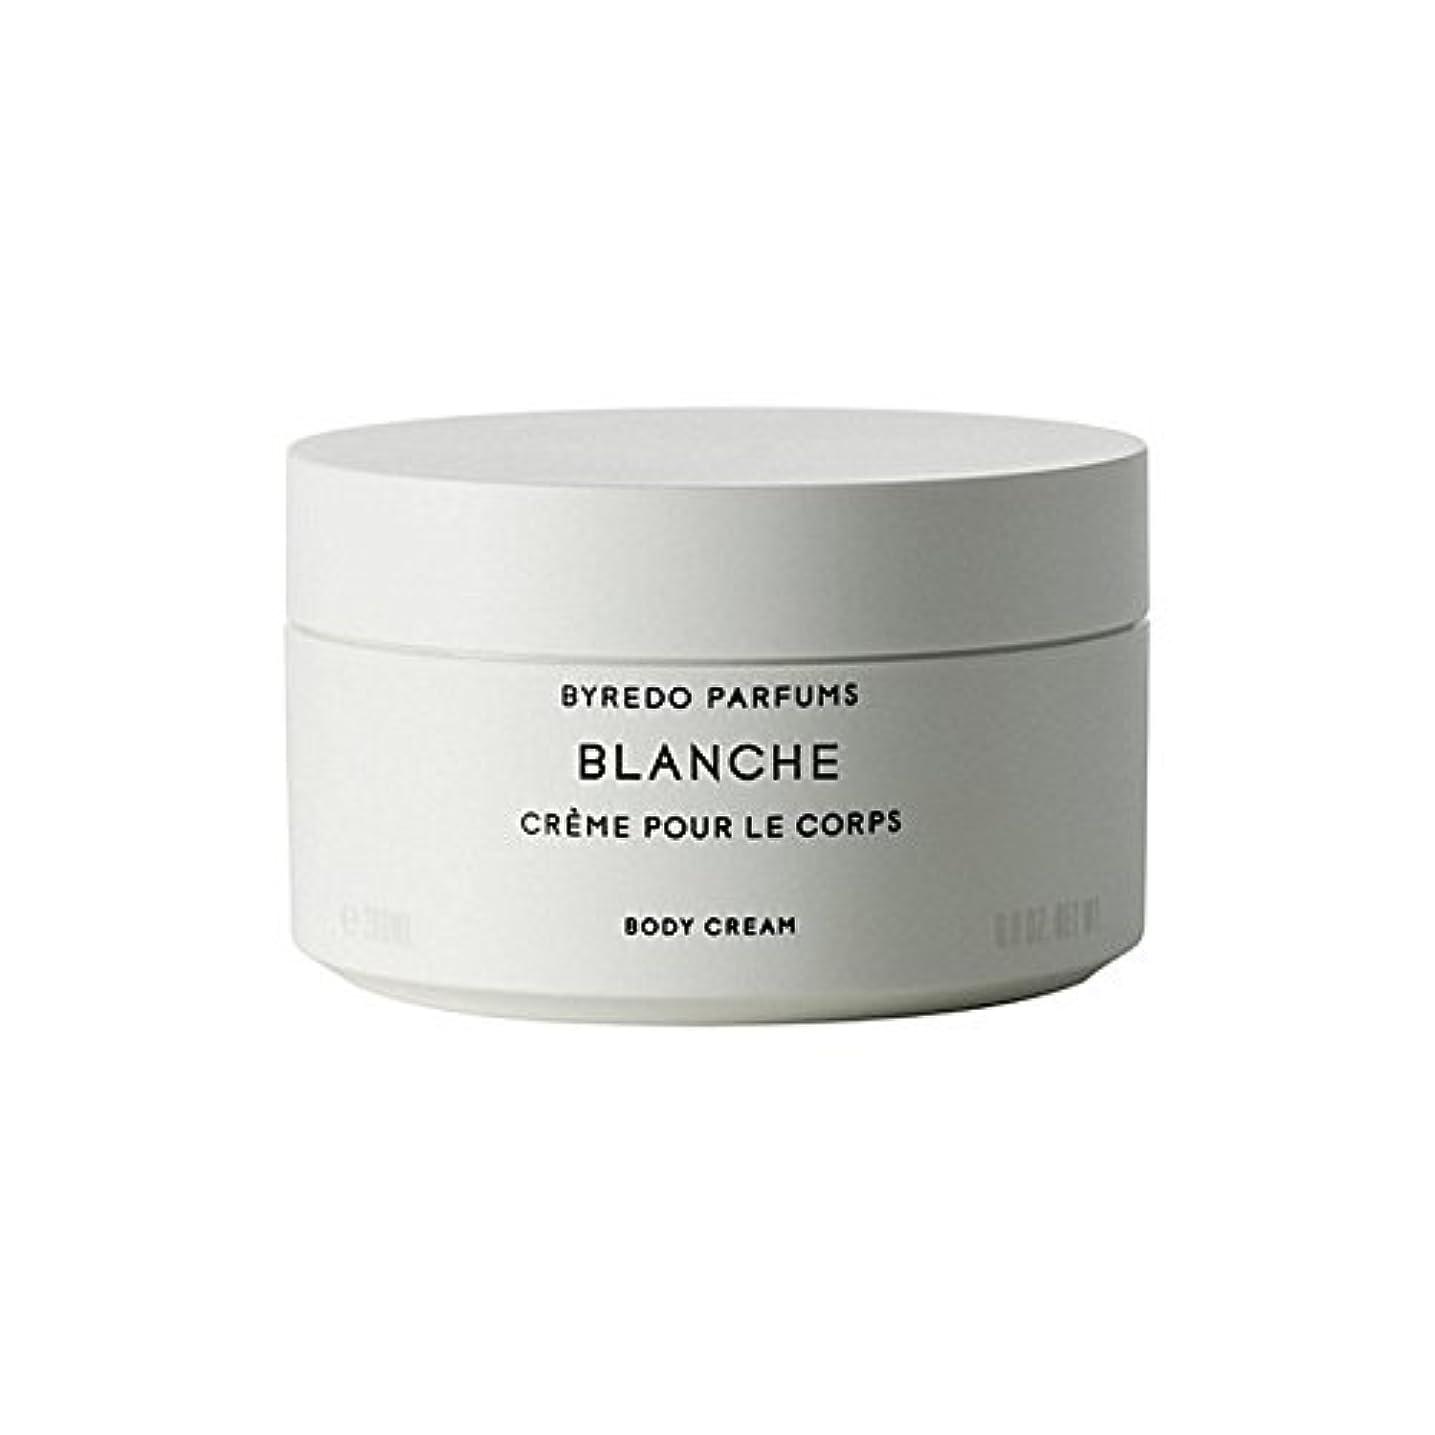 火山趣味コットンブランシュボディクリーム200ミリリットル x4 - Byredo Blanche Body Cream 200ml (Pack of 4) [並行輸入品]